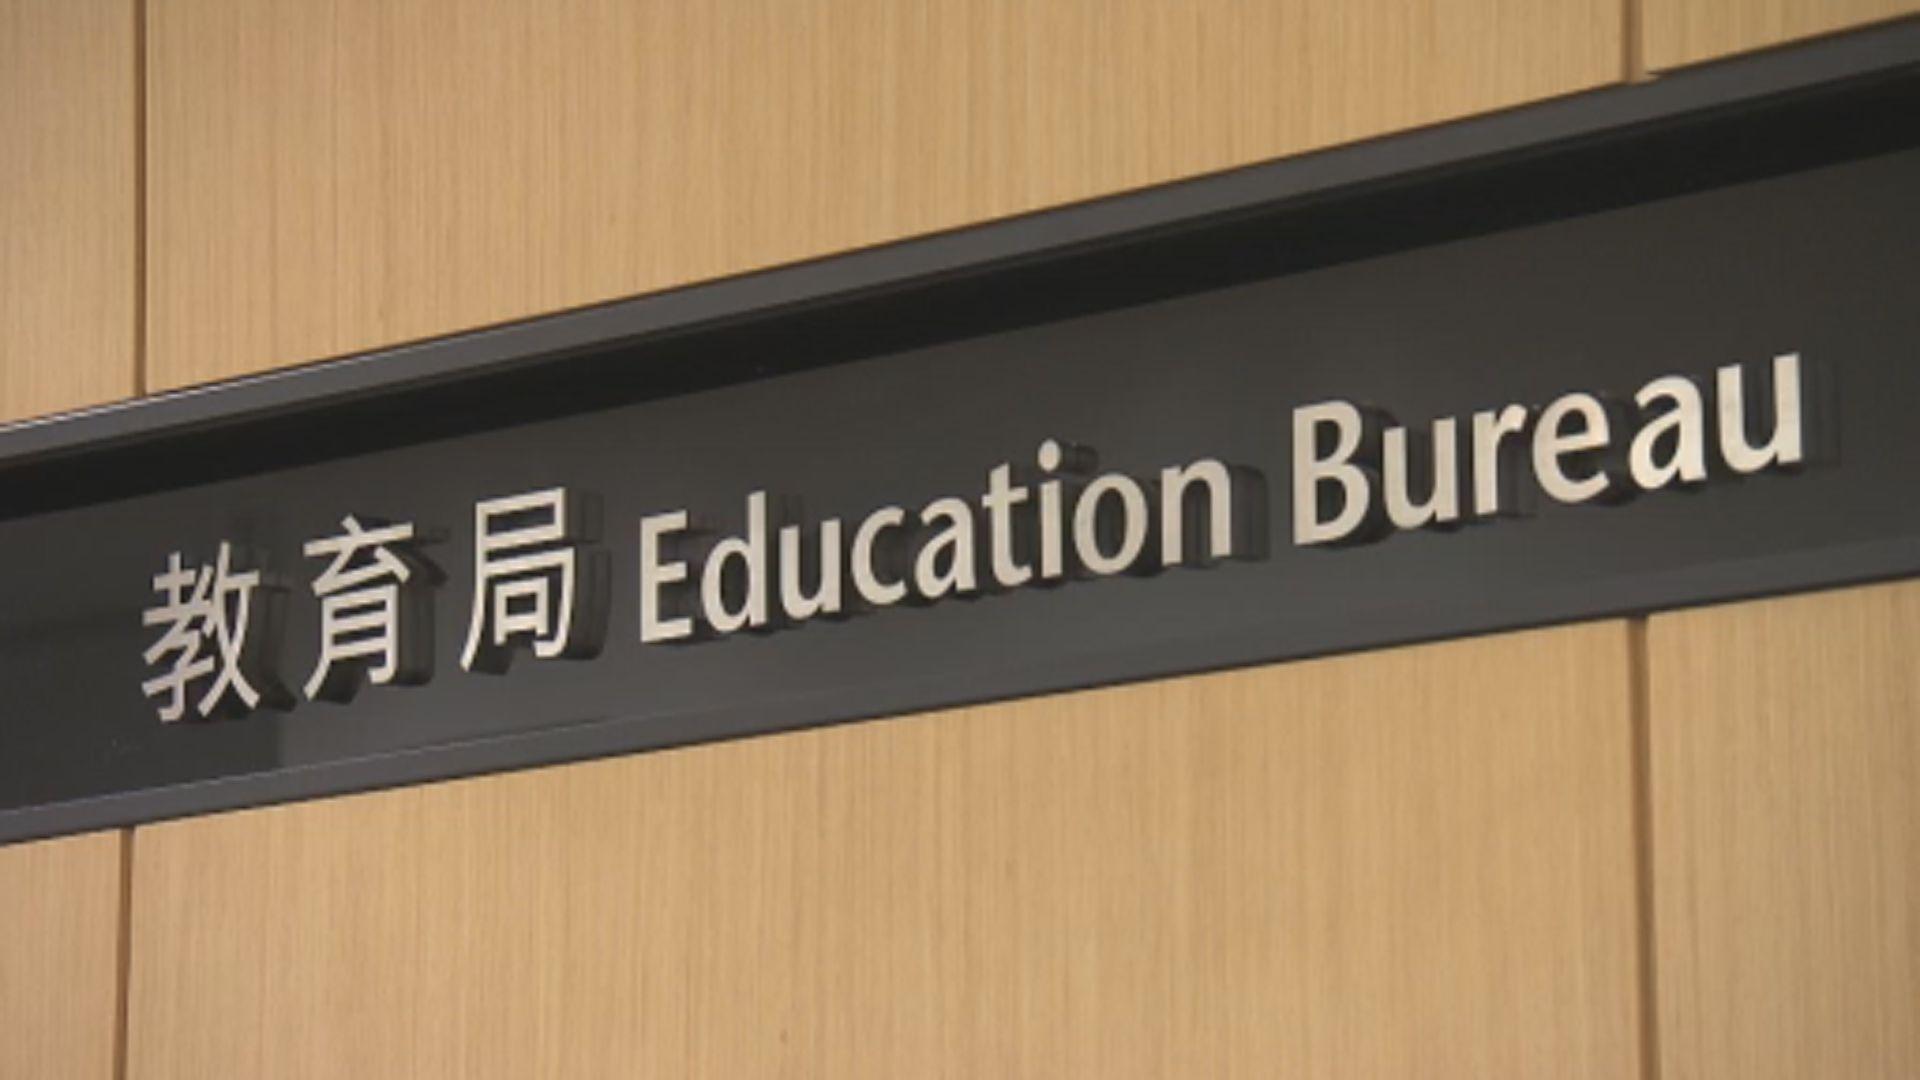 【最新】教育局建議學校彈性處理學生遲到或缺席